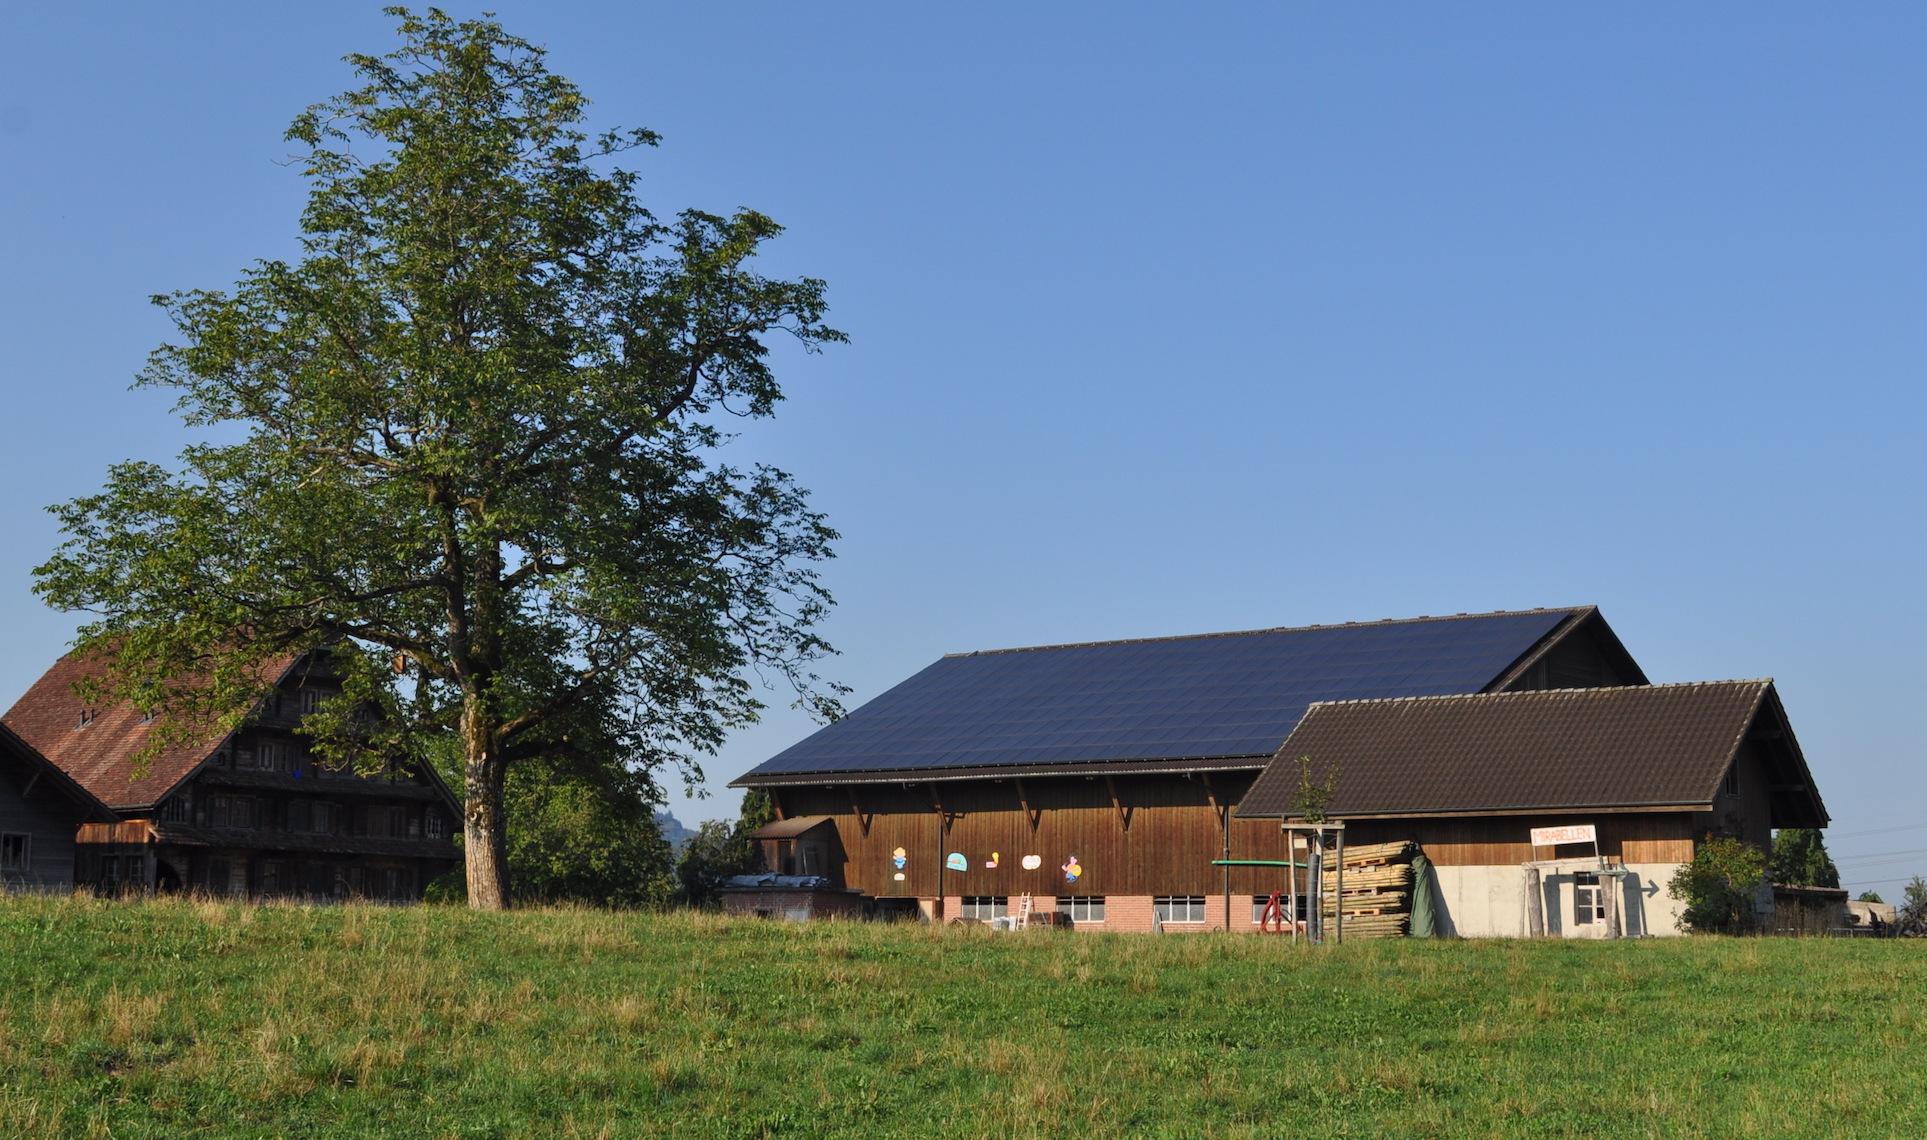 Landwirte sind in Sachen Solarenergie oft investitionsfreudiger als Gmeinwesen: Hier der Hof von Franz Blaser in Rotkreuz, mit einer grossen Photovoltaik-Anlage auf der Scheune.